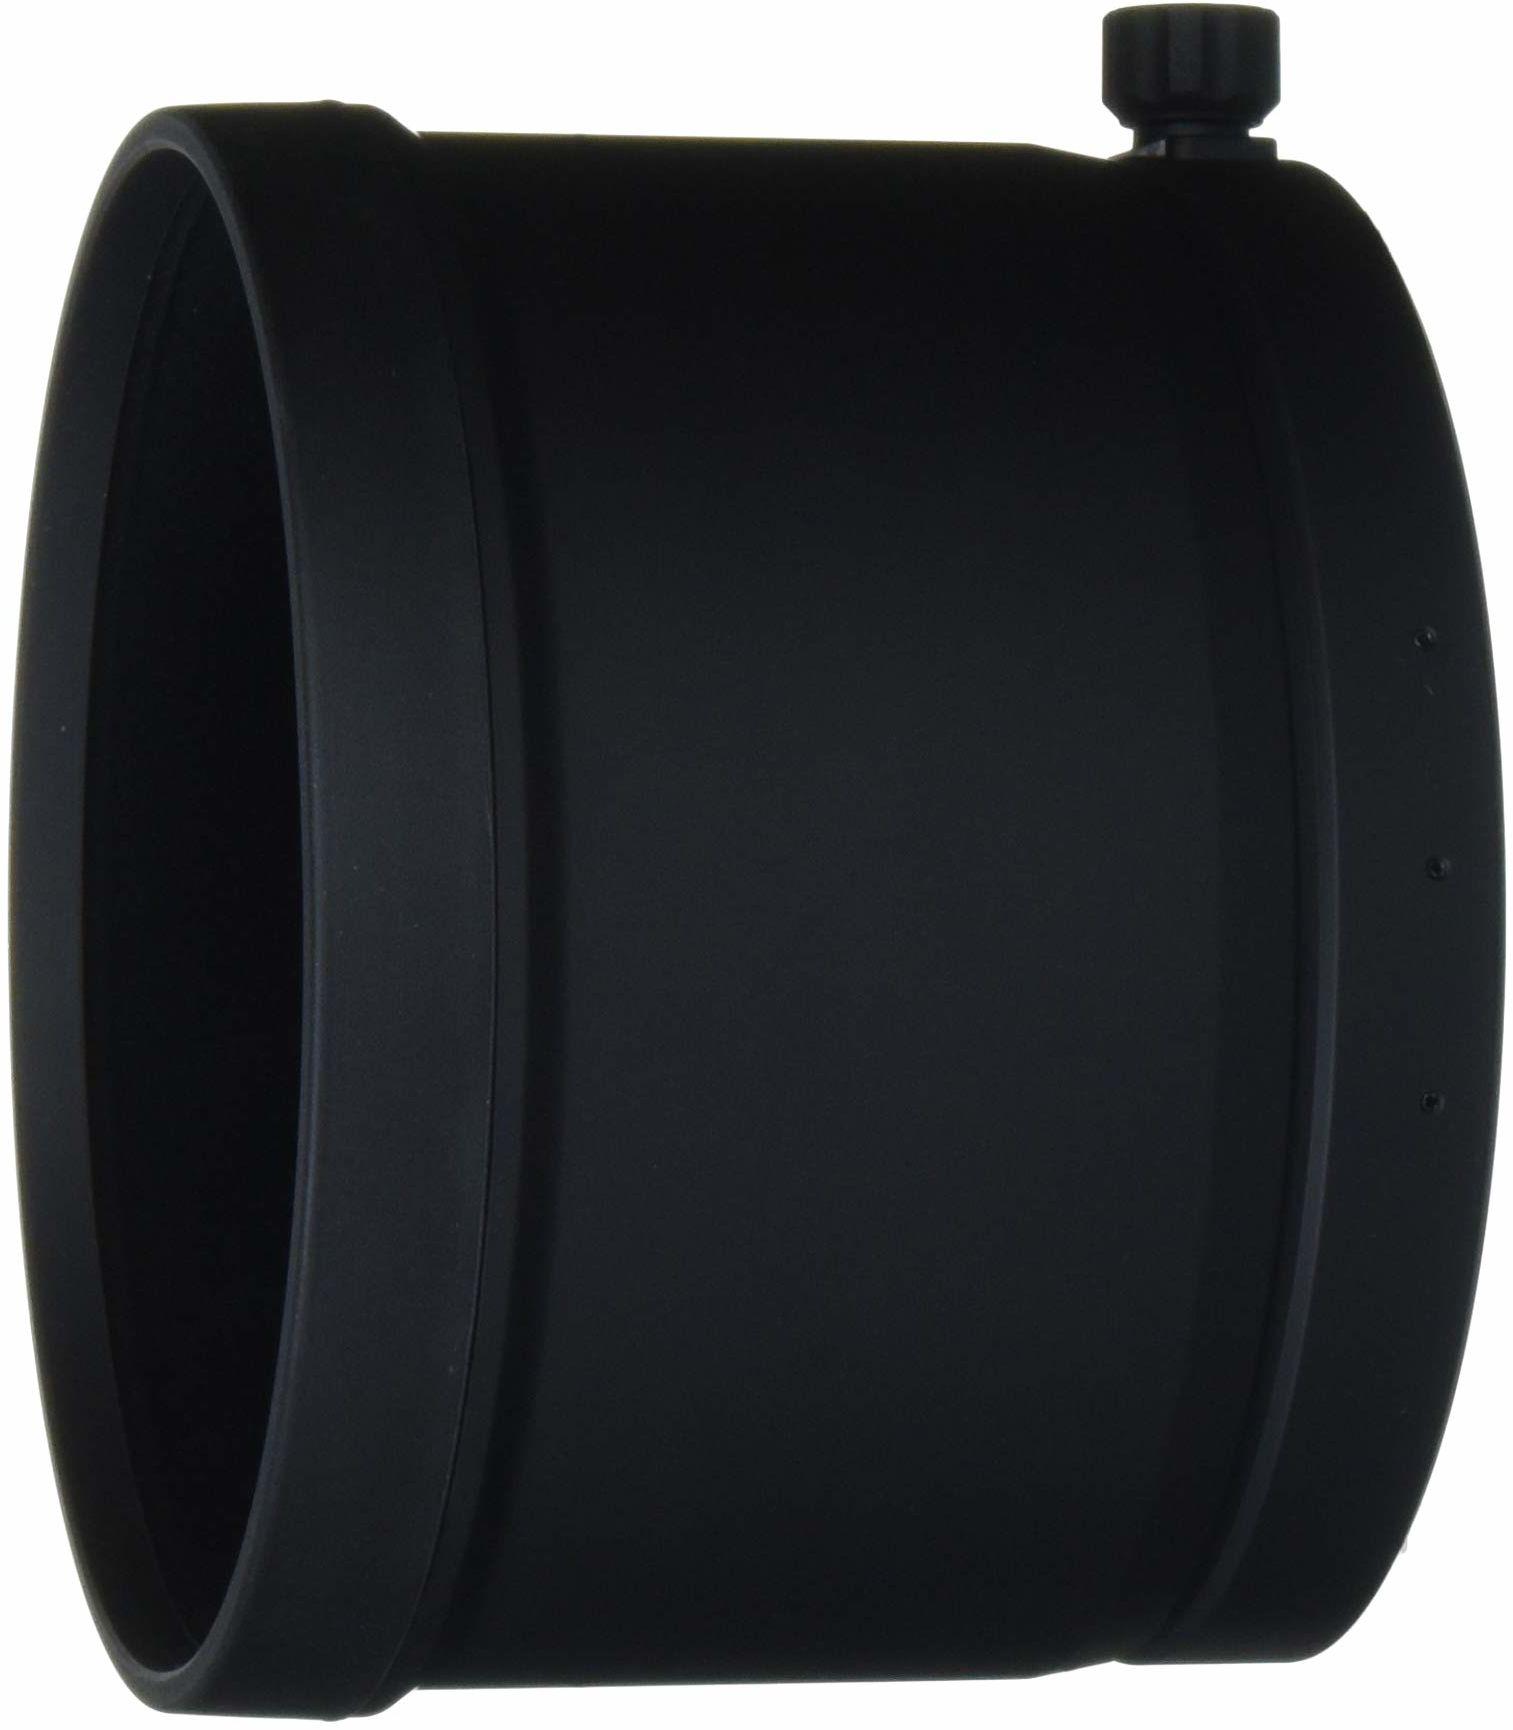 Sigma Osłona przeciwsłoneczna (obiektyw 300 mm, F2,8) do DG LH1196-01